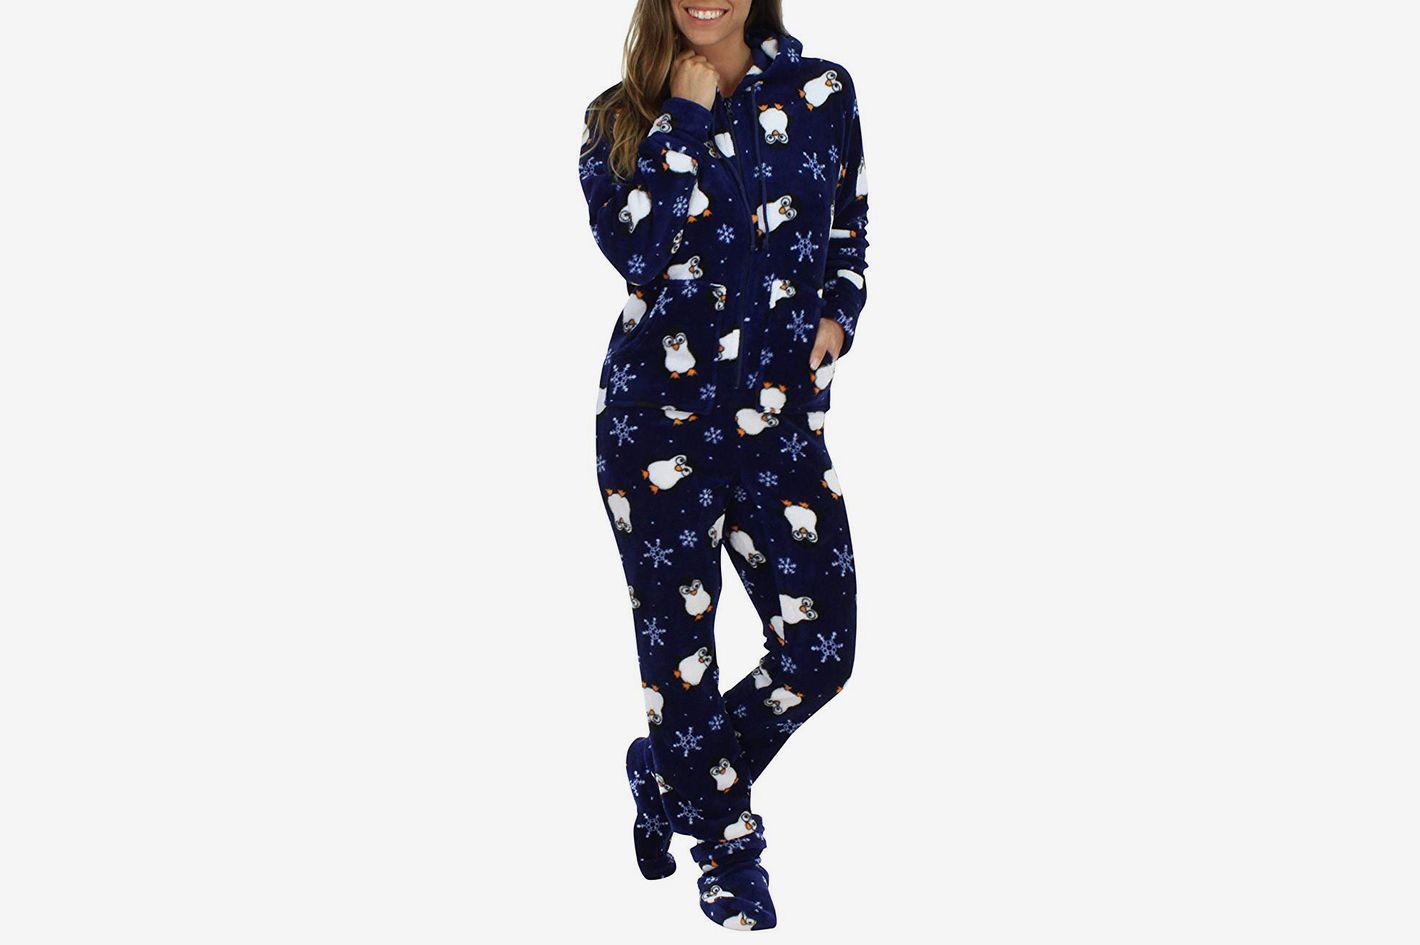 88e490cd2d85 SleepytimePjs Women s Sleepwear Fleece Hooded Onesie